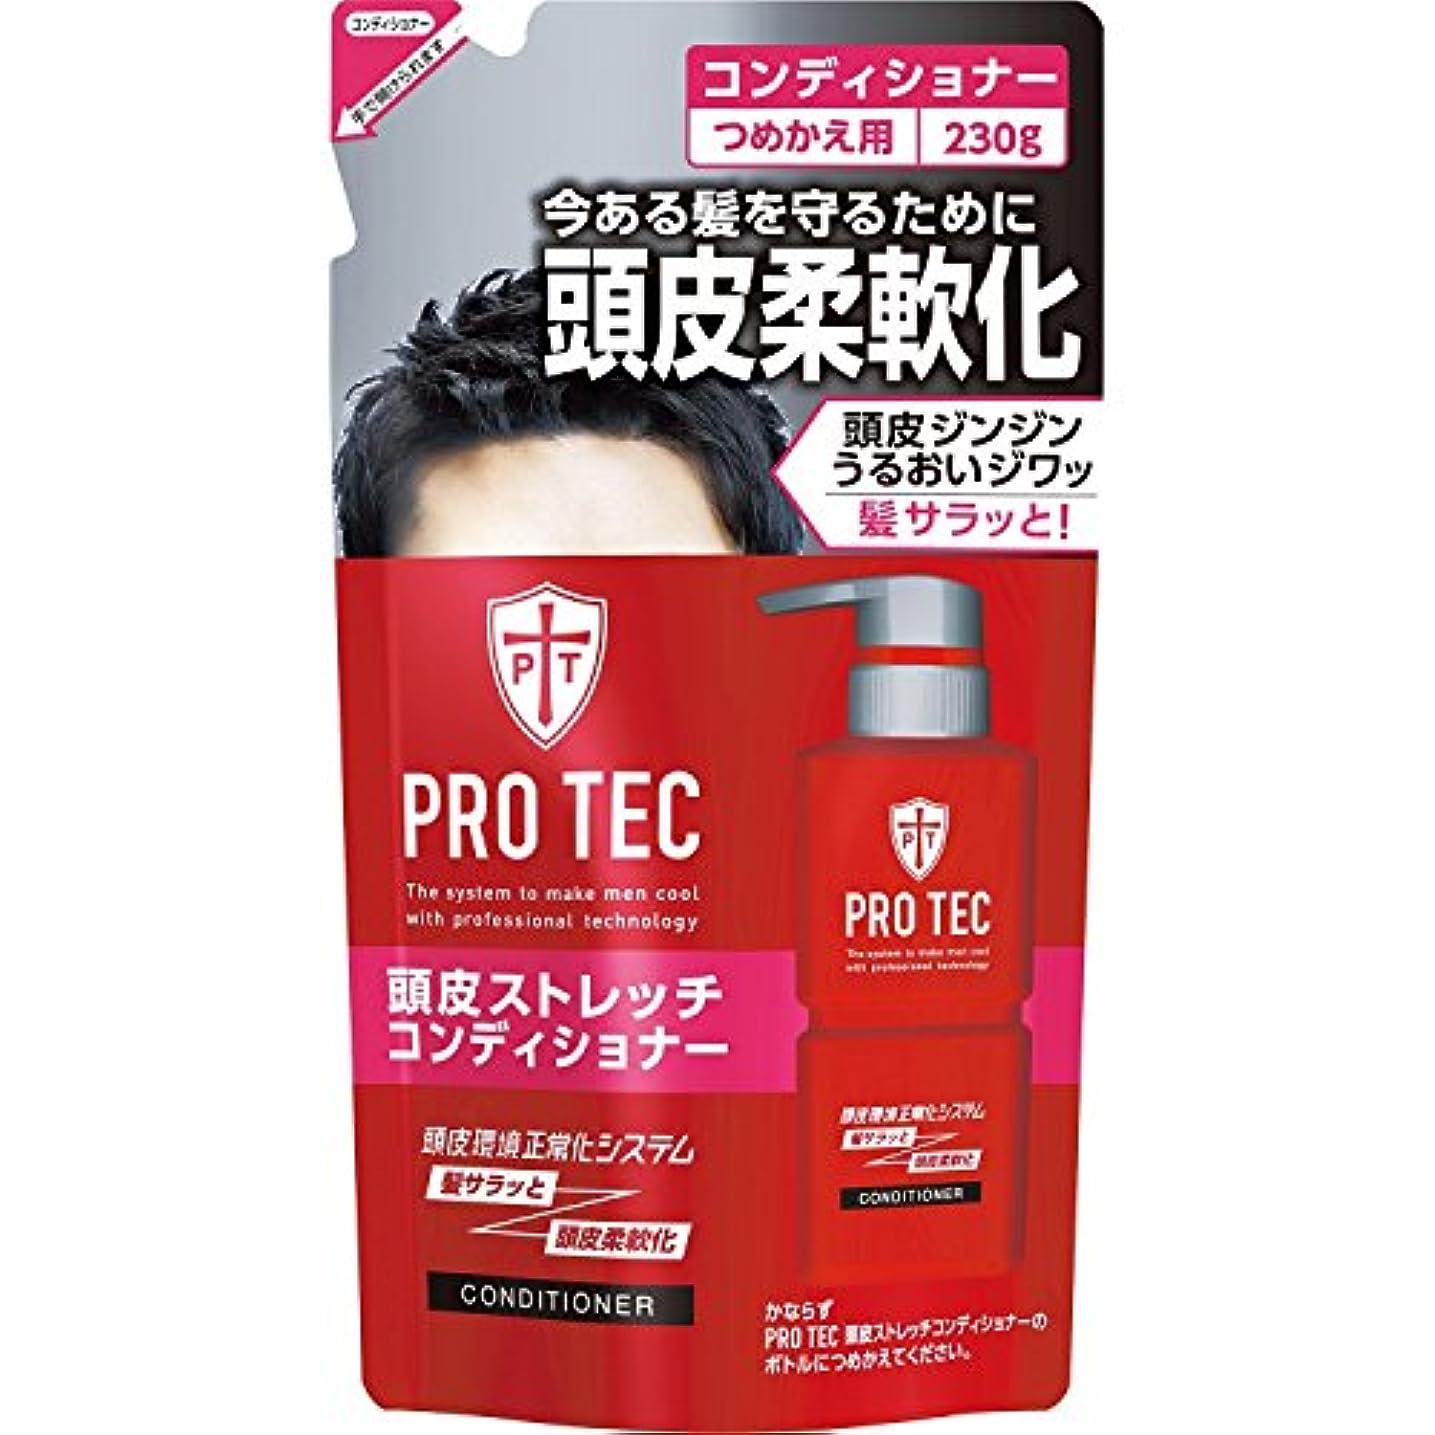 証書メイン杭PRO TEC(プロテク) 頭皮ストレッチ コンディショナー 詰め替え 230g